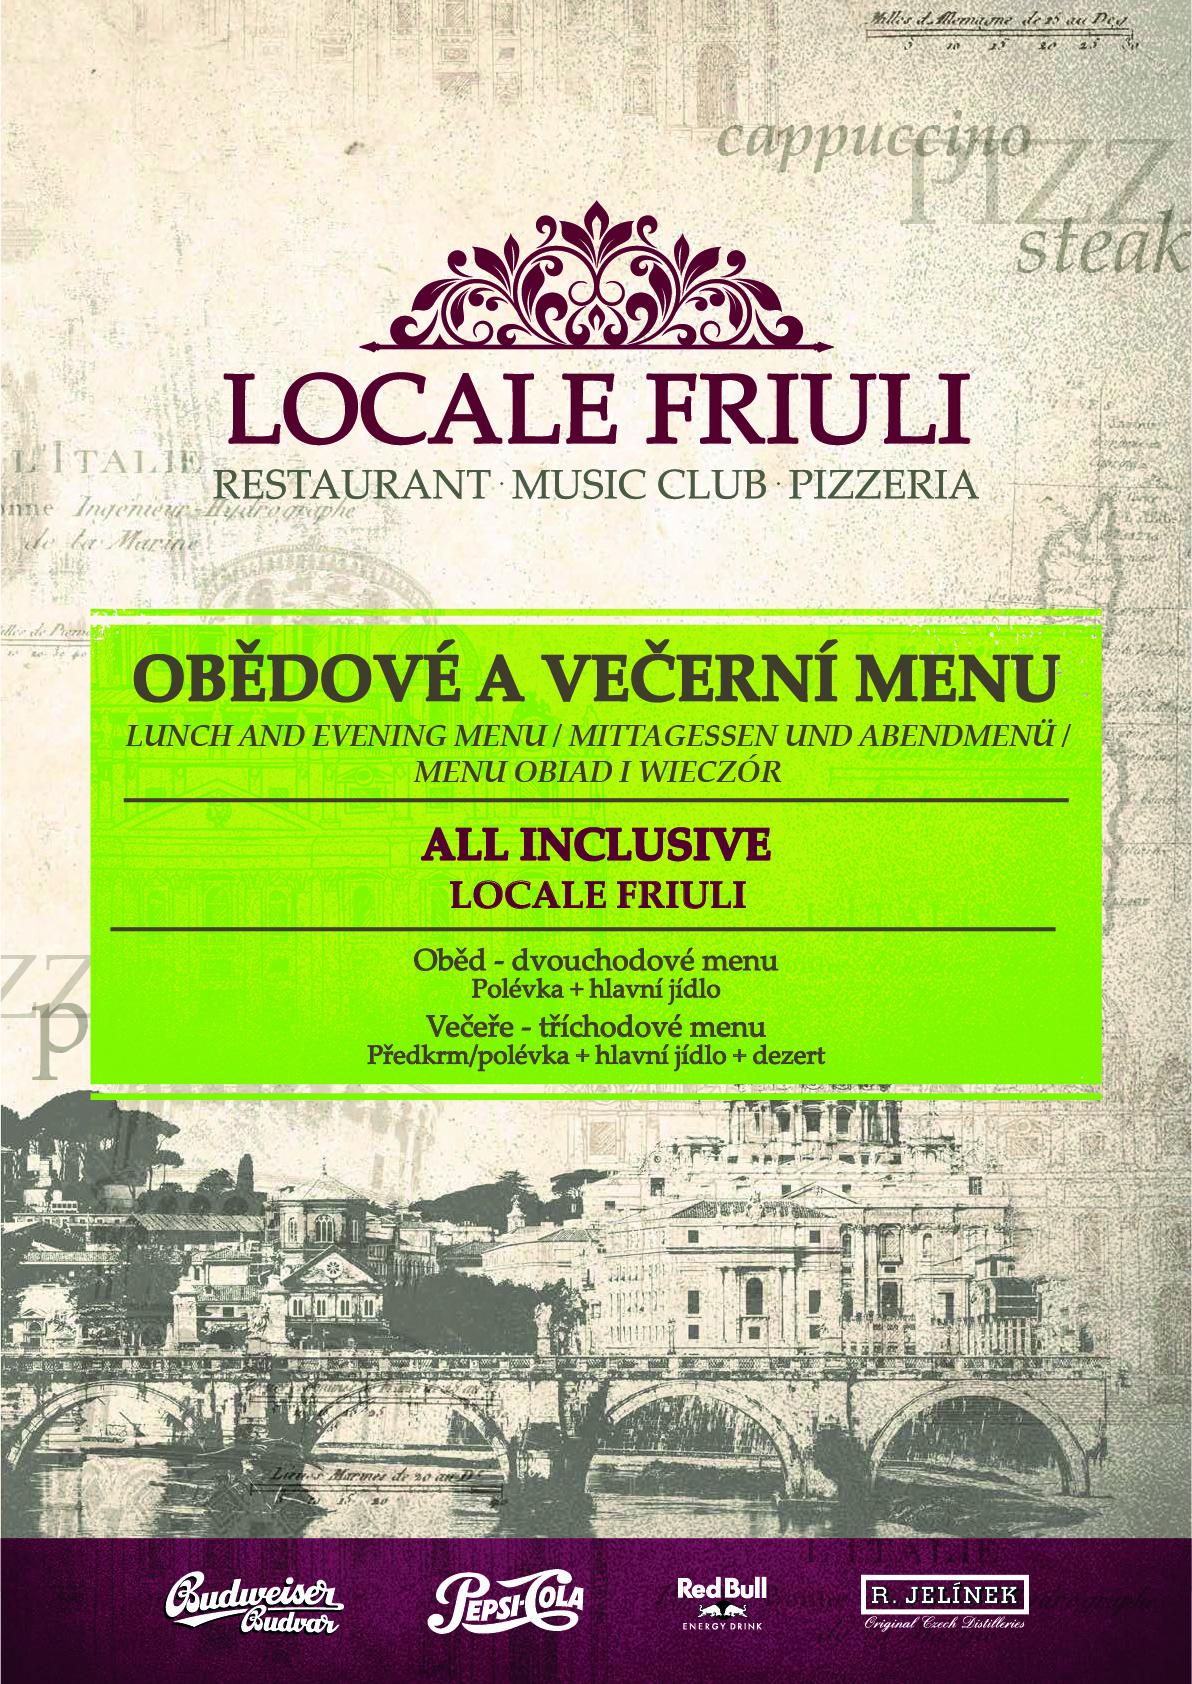 Obědové a večerní menu 1